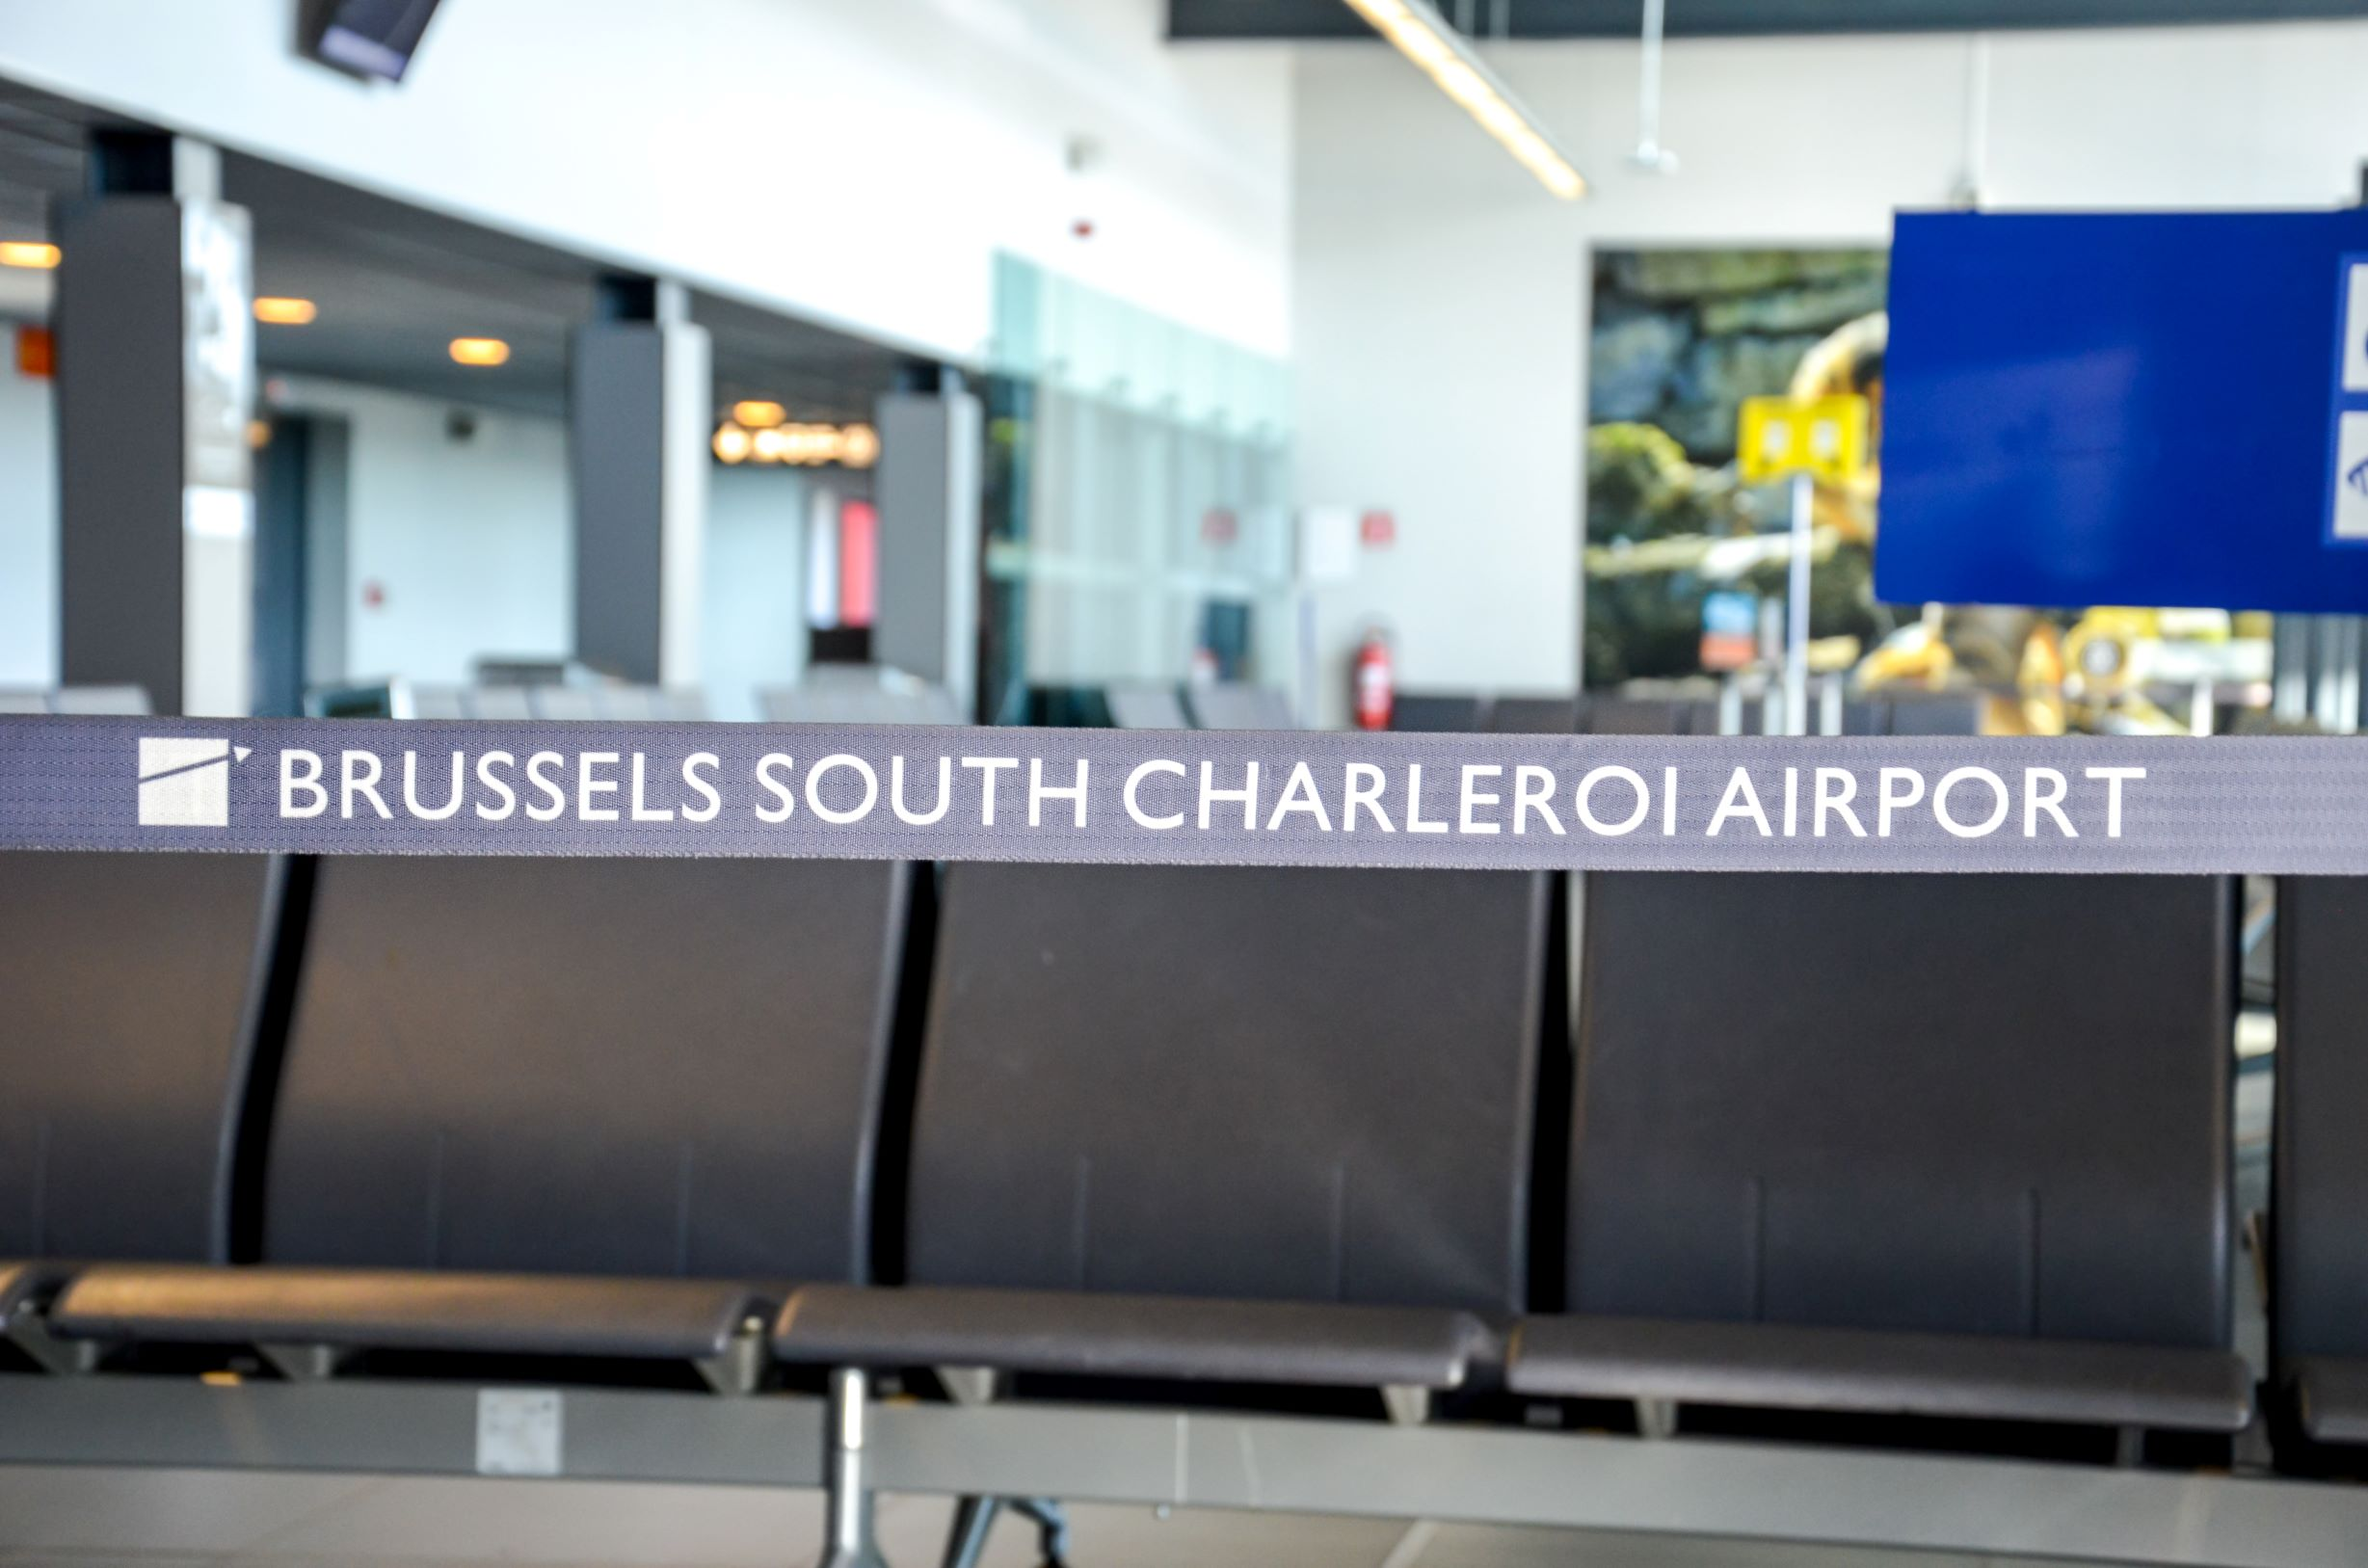 Débat d'actualité à la Chambre sur les faits à l'aéroport de Charleroi, rien que des petits jeux politiques. Mais le SLFP Police veut plus que cela …